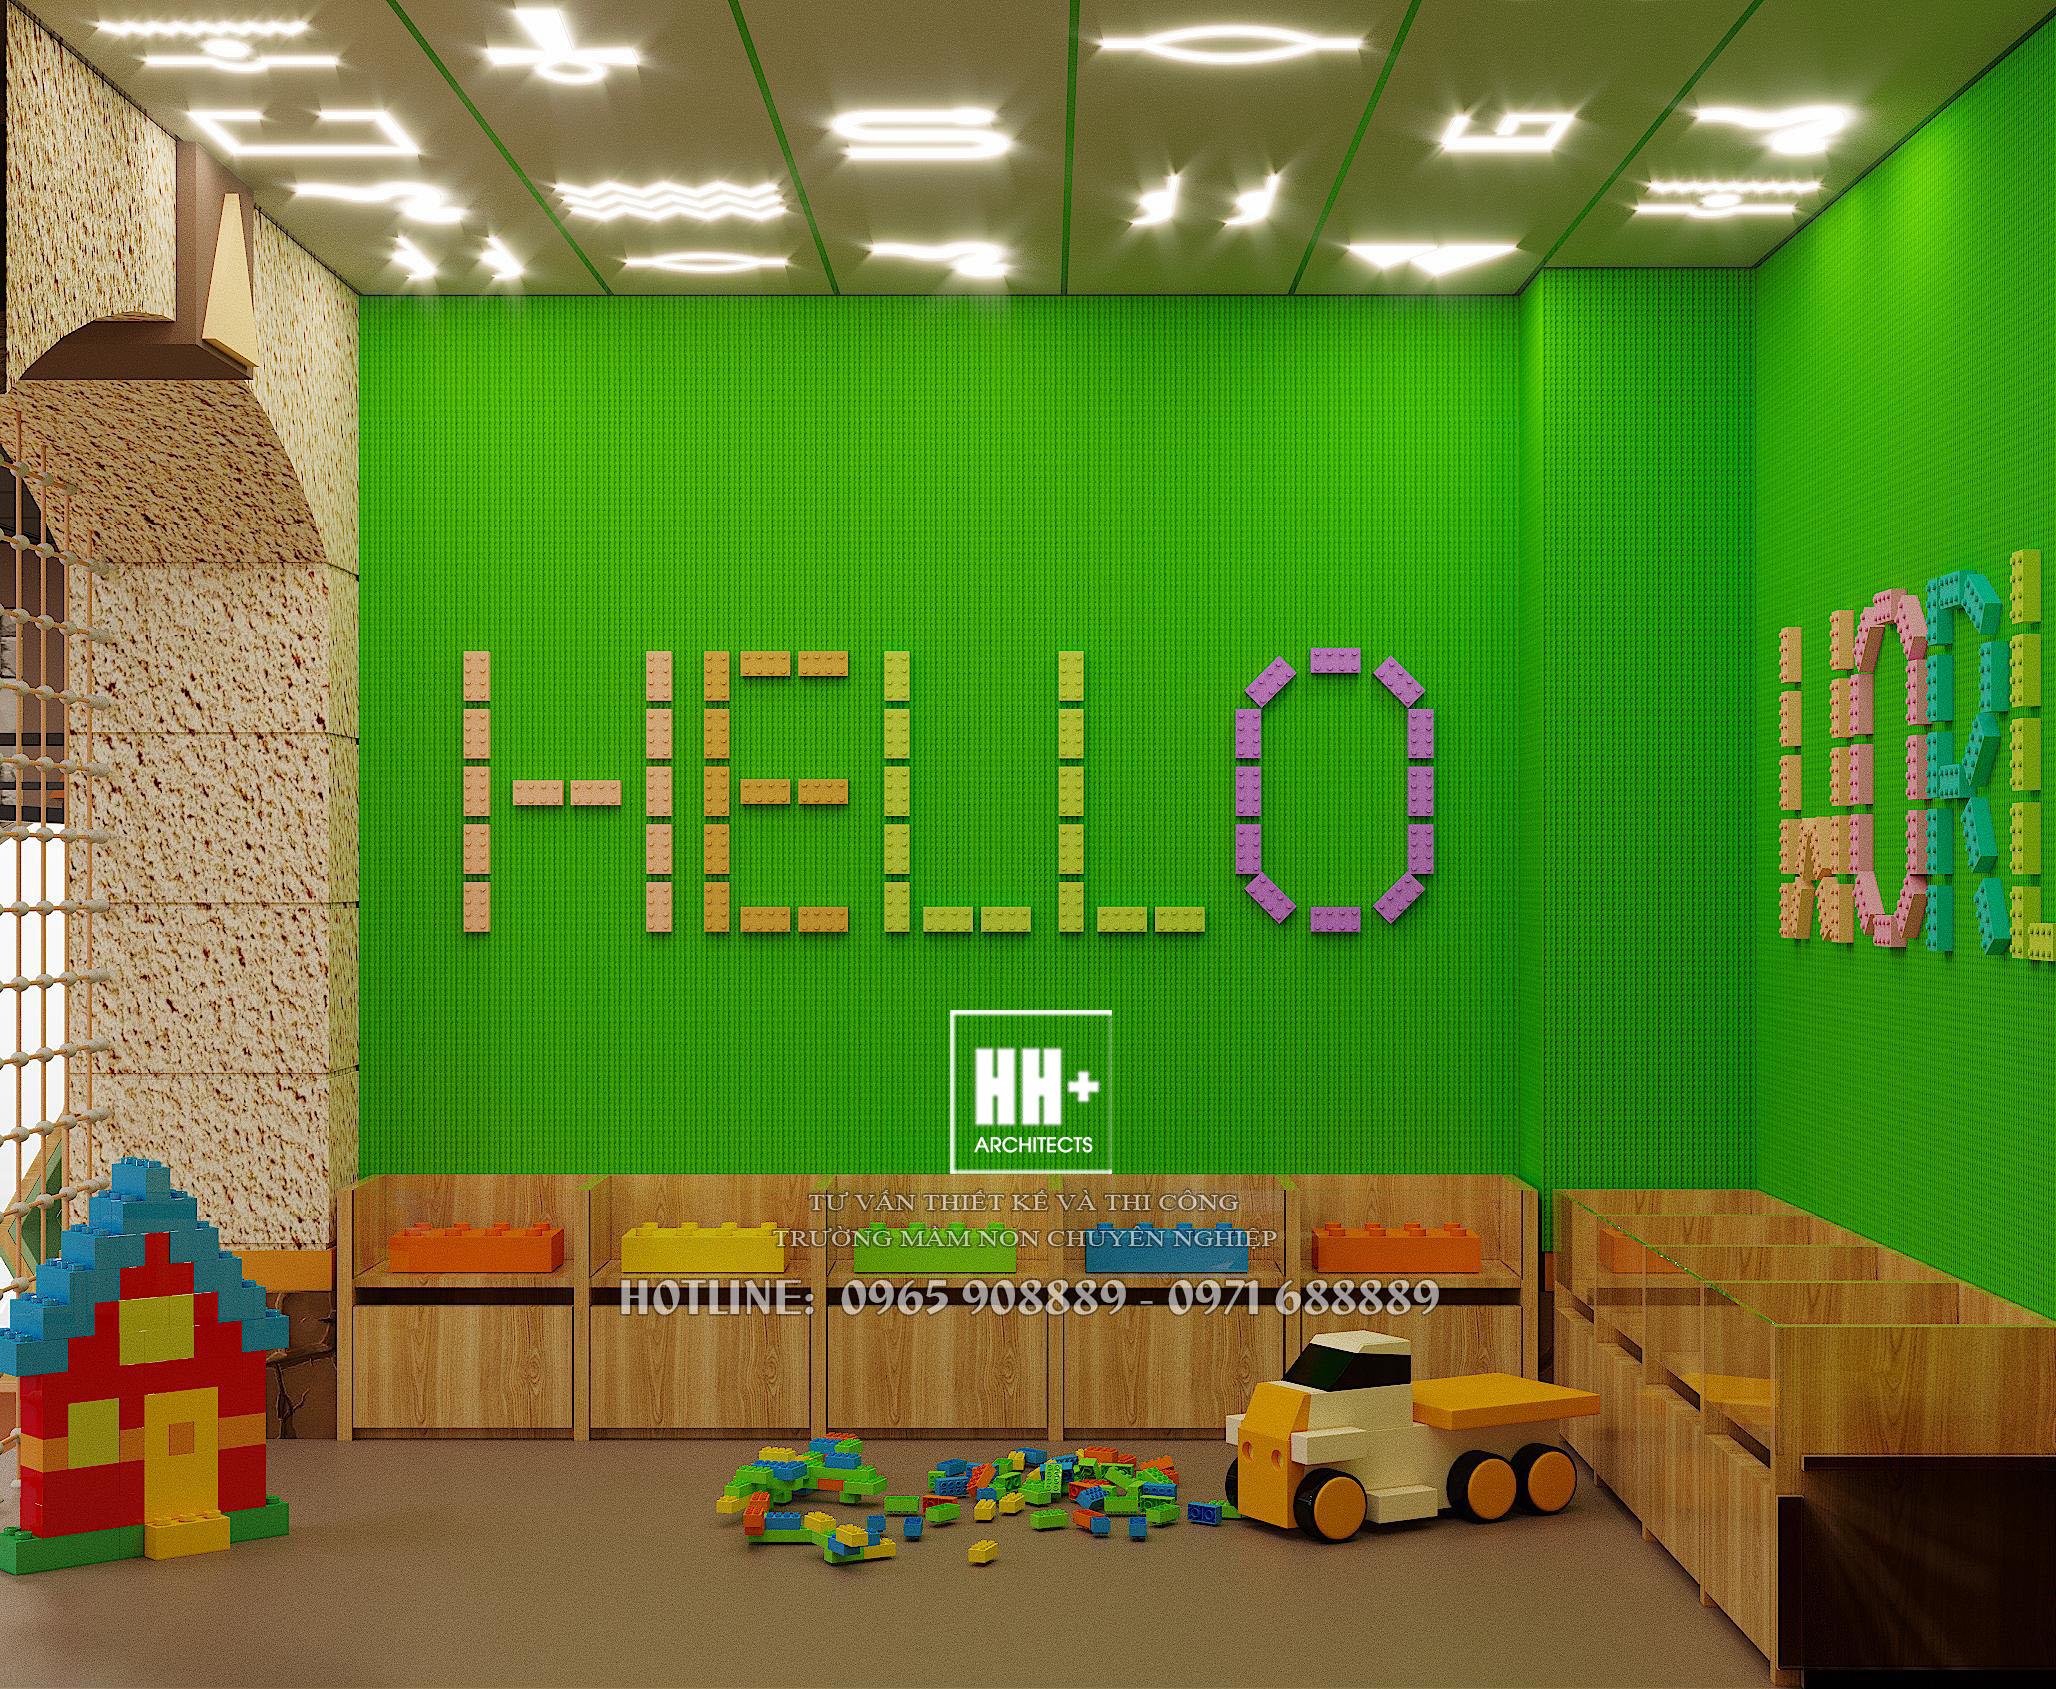 12 Thiết kế khu vui chơi trẻ em Thiết kế khu vui chơi trẻ em Hello World 12